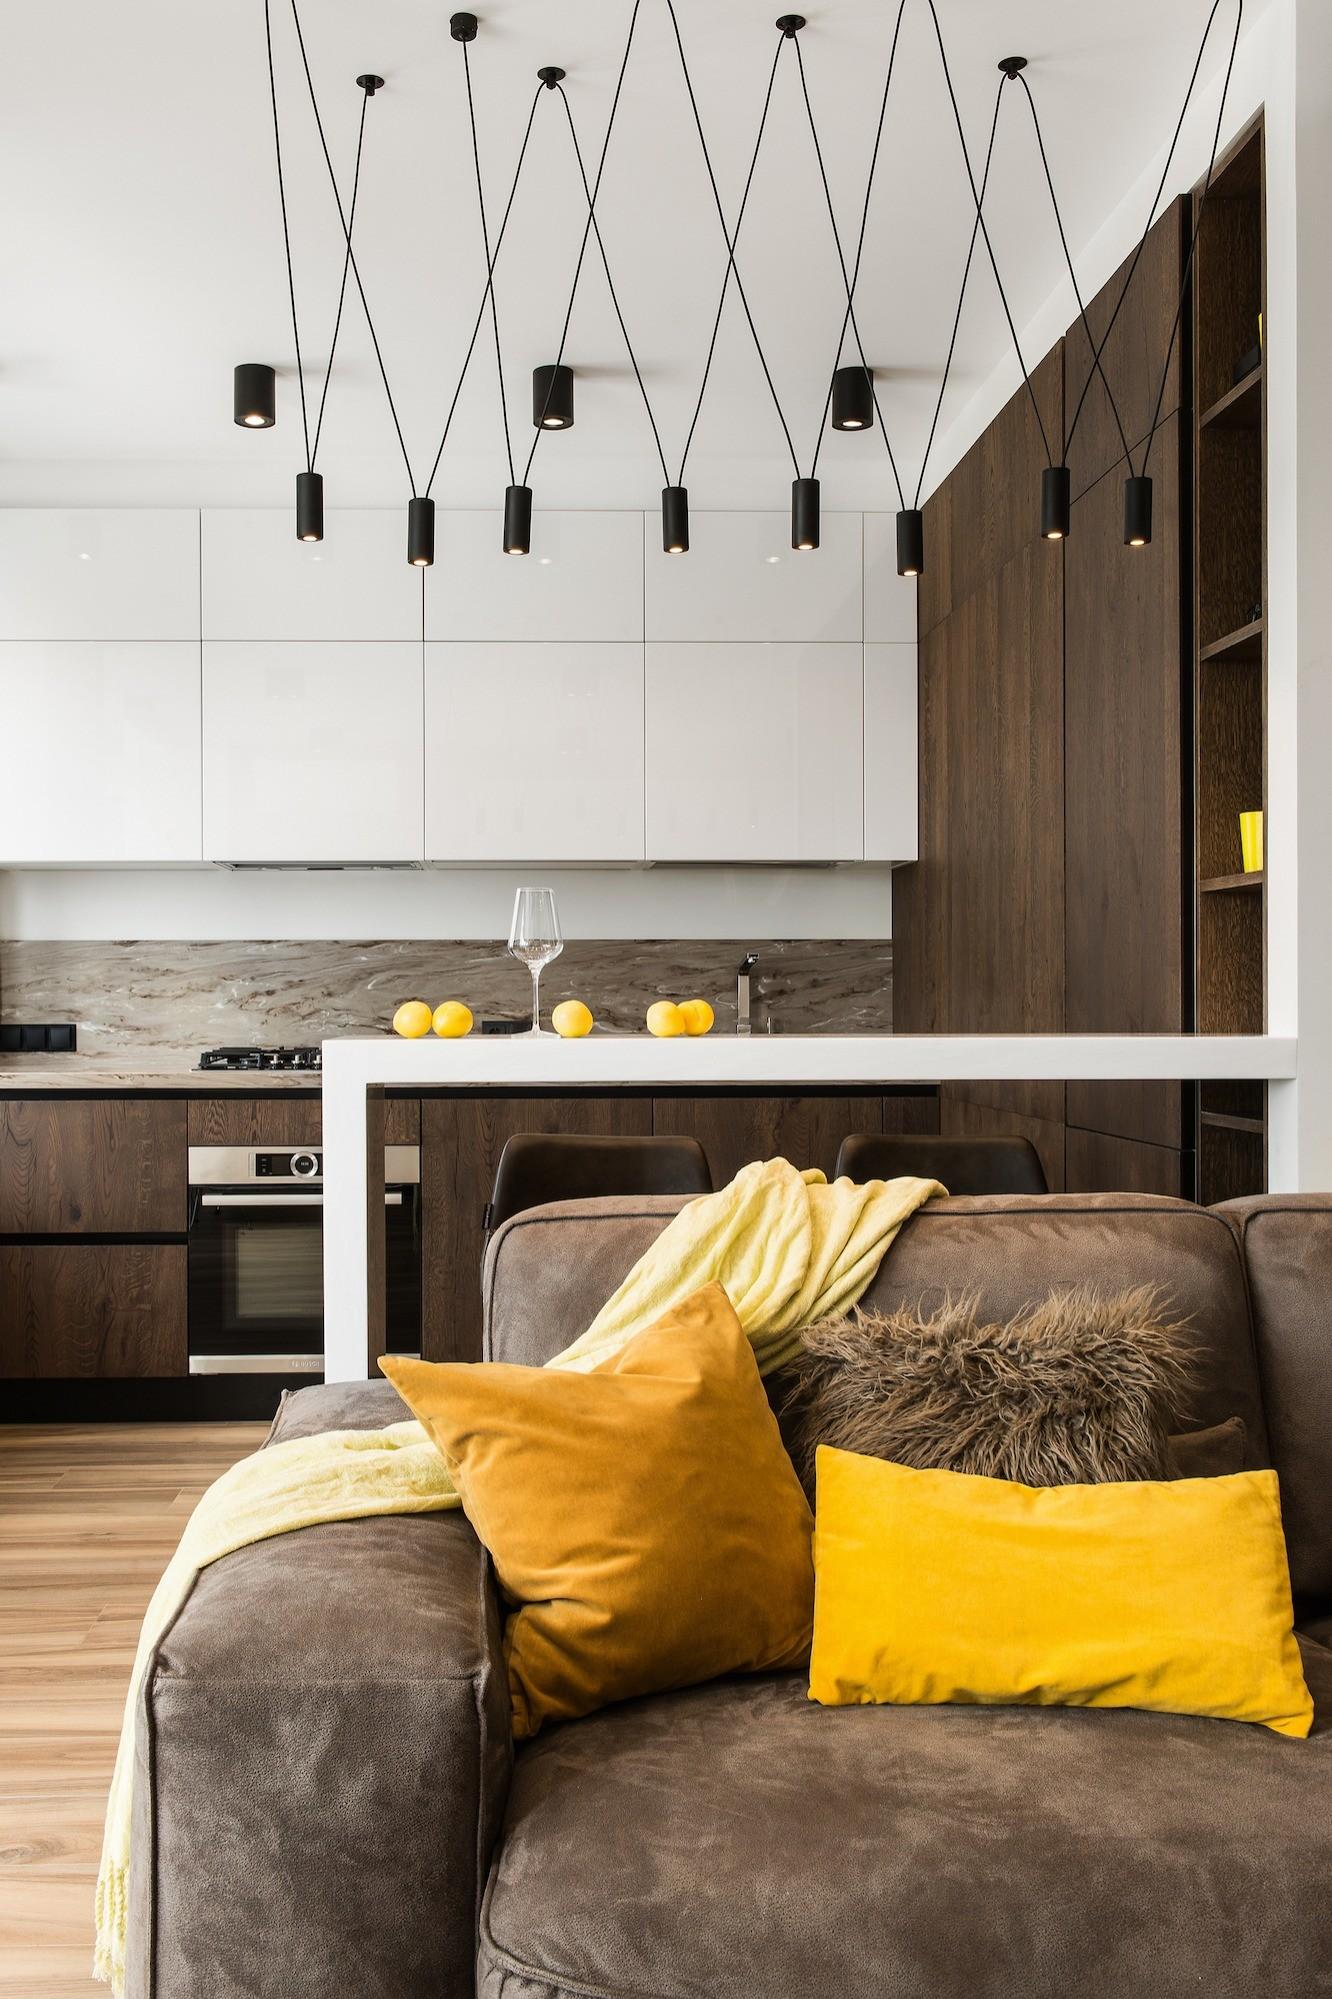 Двуцветный кухонный гарнитур оптимально соответствует дизайнерской задаче: оптически расширить пространство и«приподнять» потолок, придать интерьеру глубину. Тонкий силуэт барной стойки...